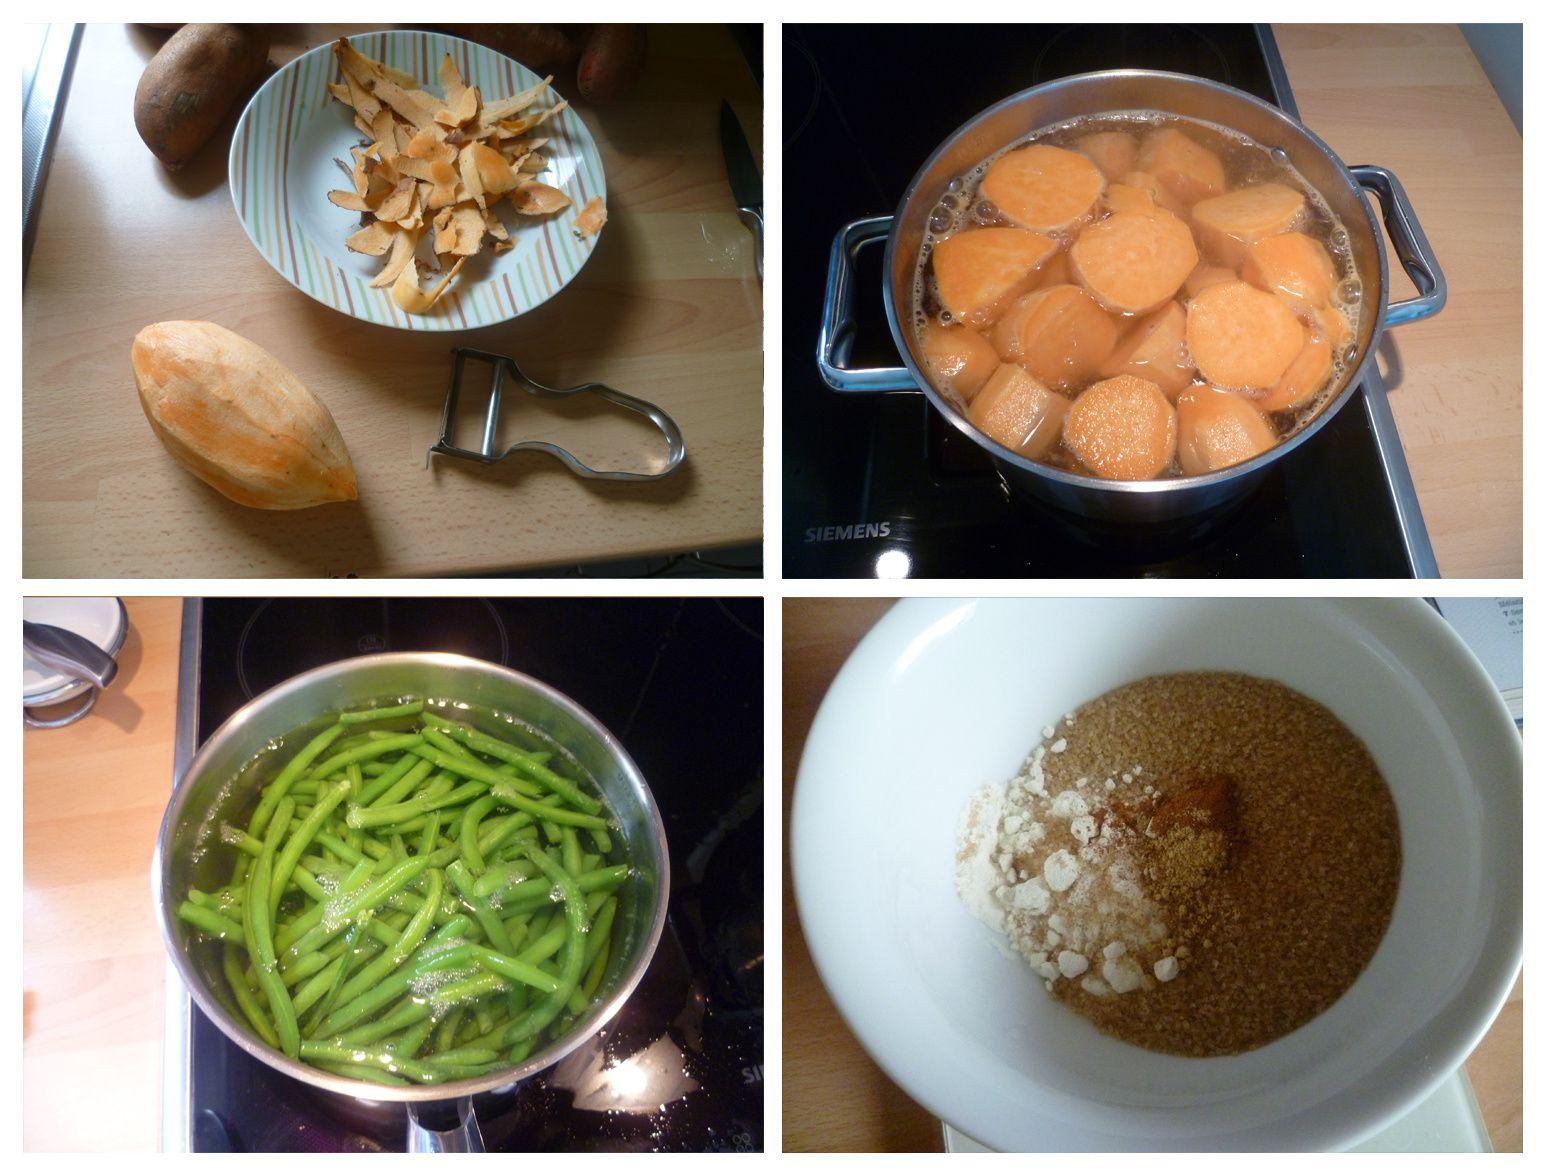 Poulet pané façon cajun, haricots verts et crumble de patates douces